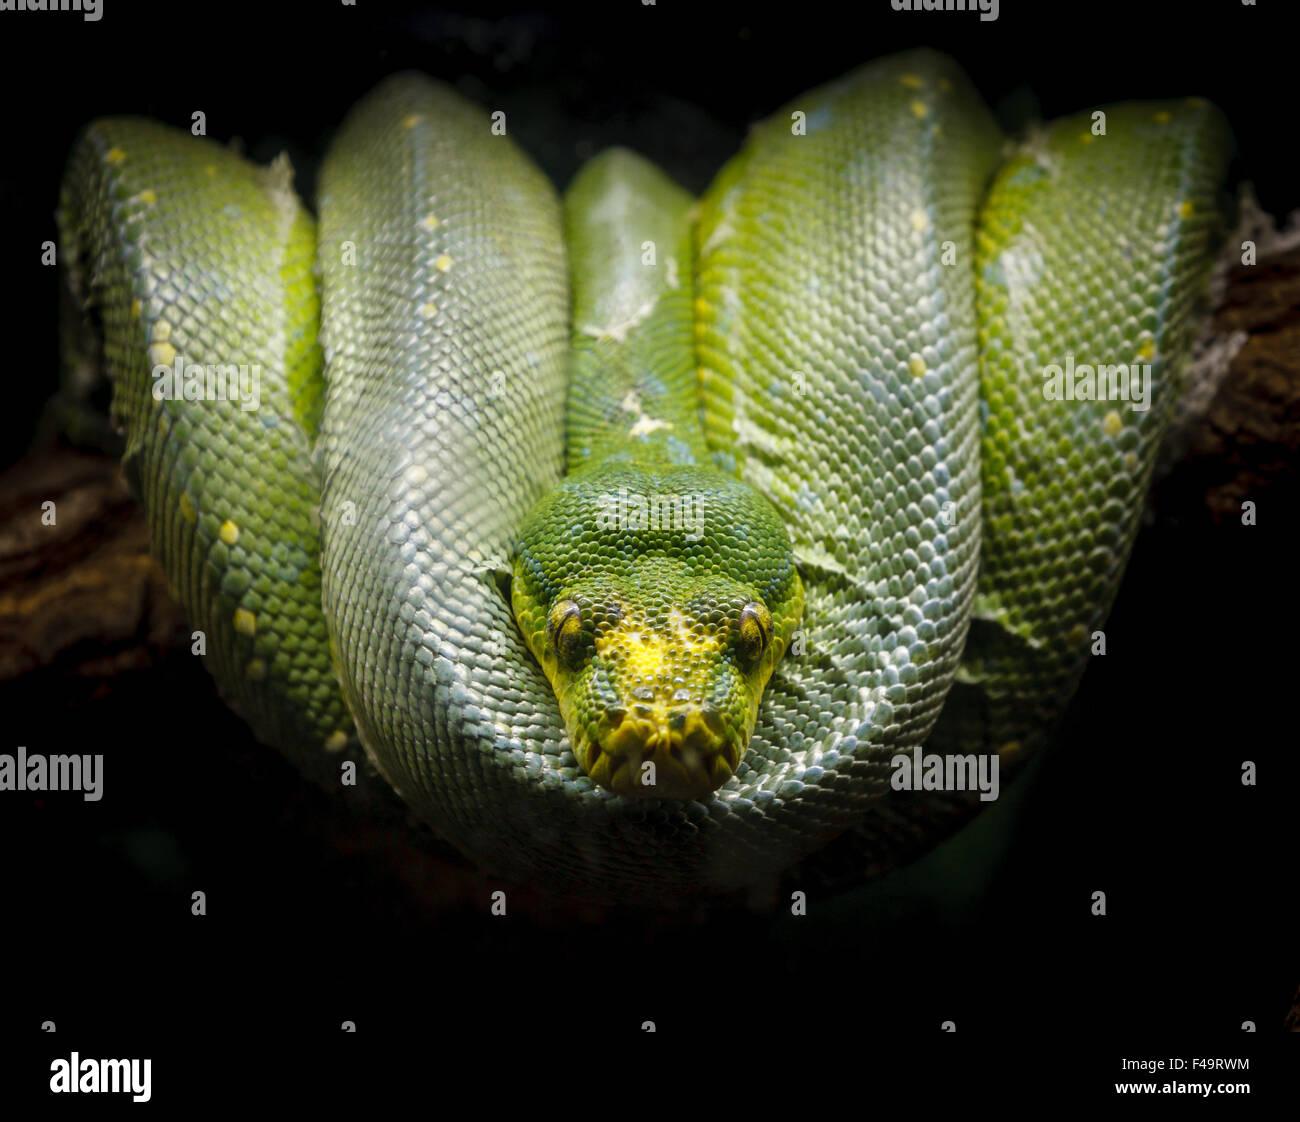 Verde (python morelia viridis) comodamente avvolto su un ramo di albero. La fotografia di una specie di serpente Immagini Stock